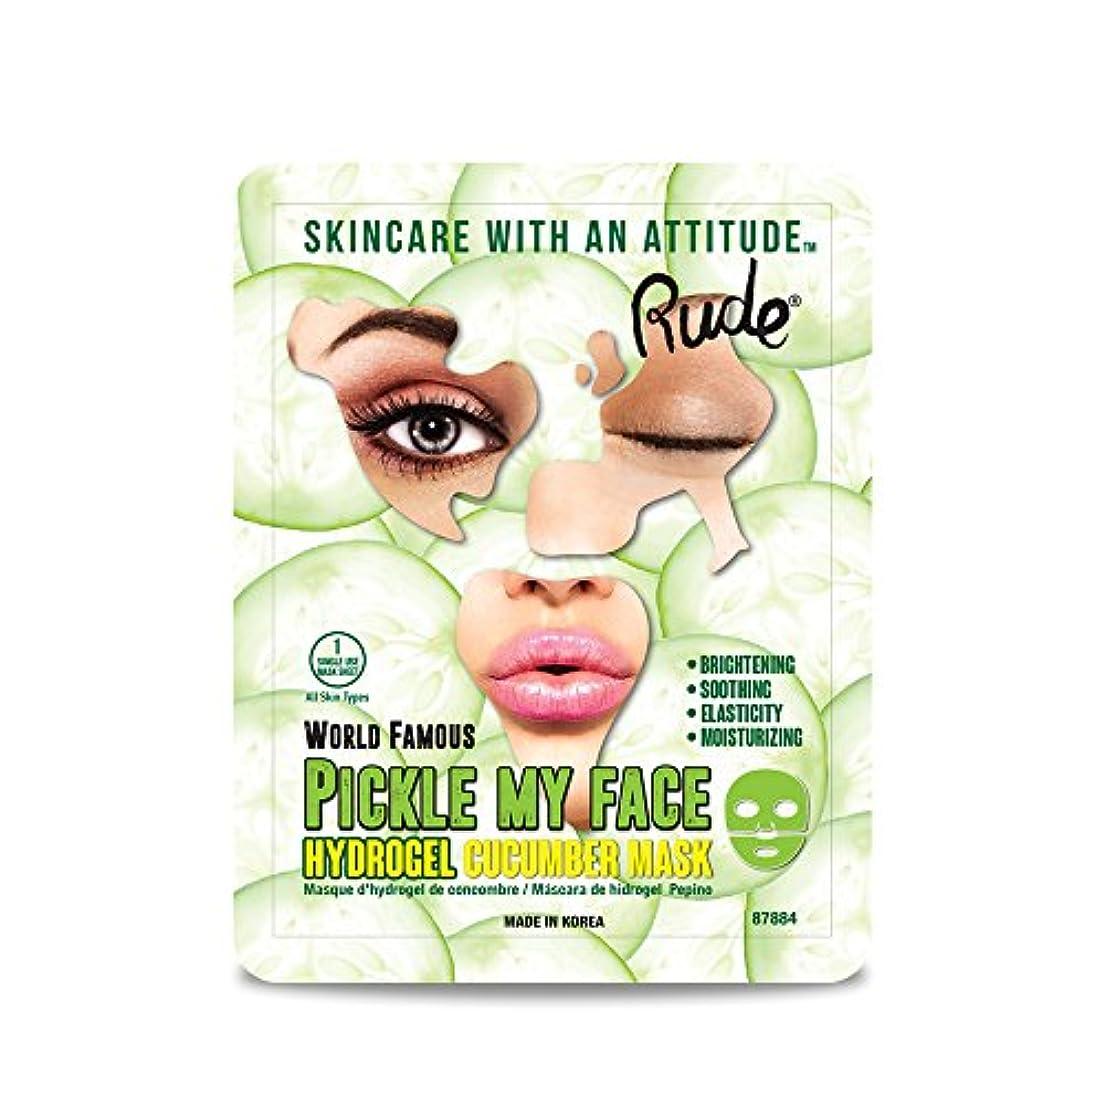 調子摩擦ウェイター(3 Pack) RUDE Pickle My Face Hydrogel Cucumber Mask (並行輸入品)